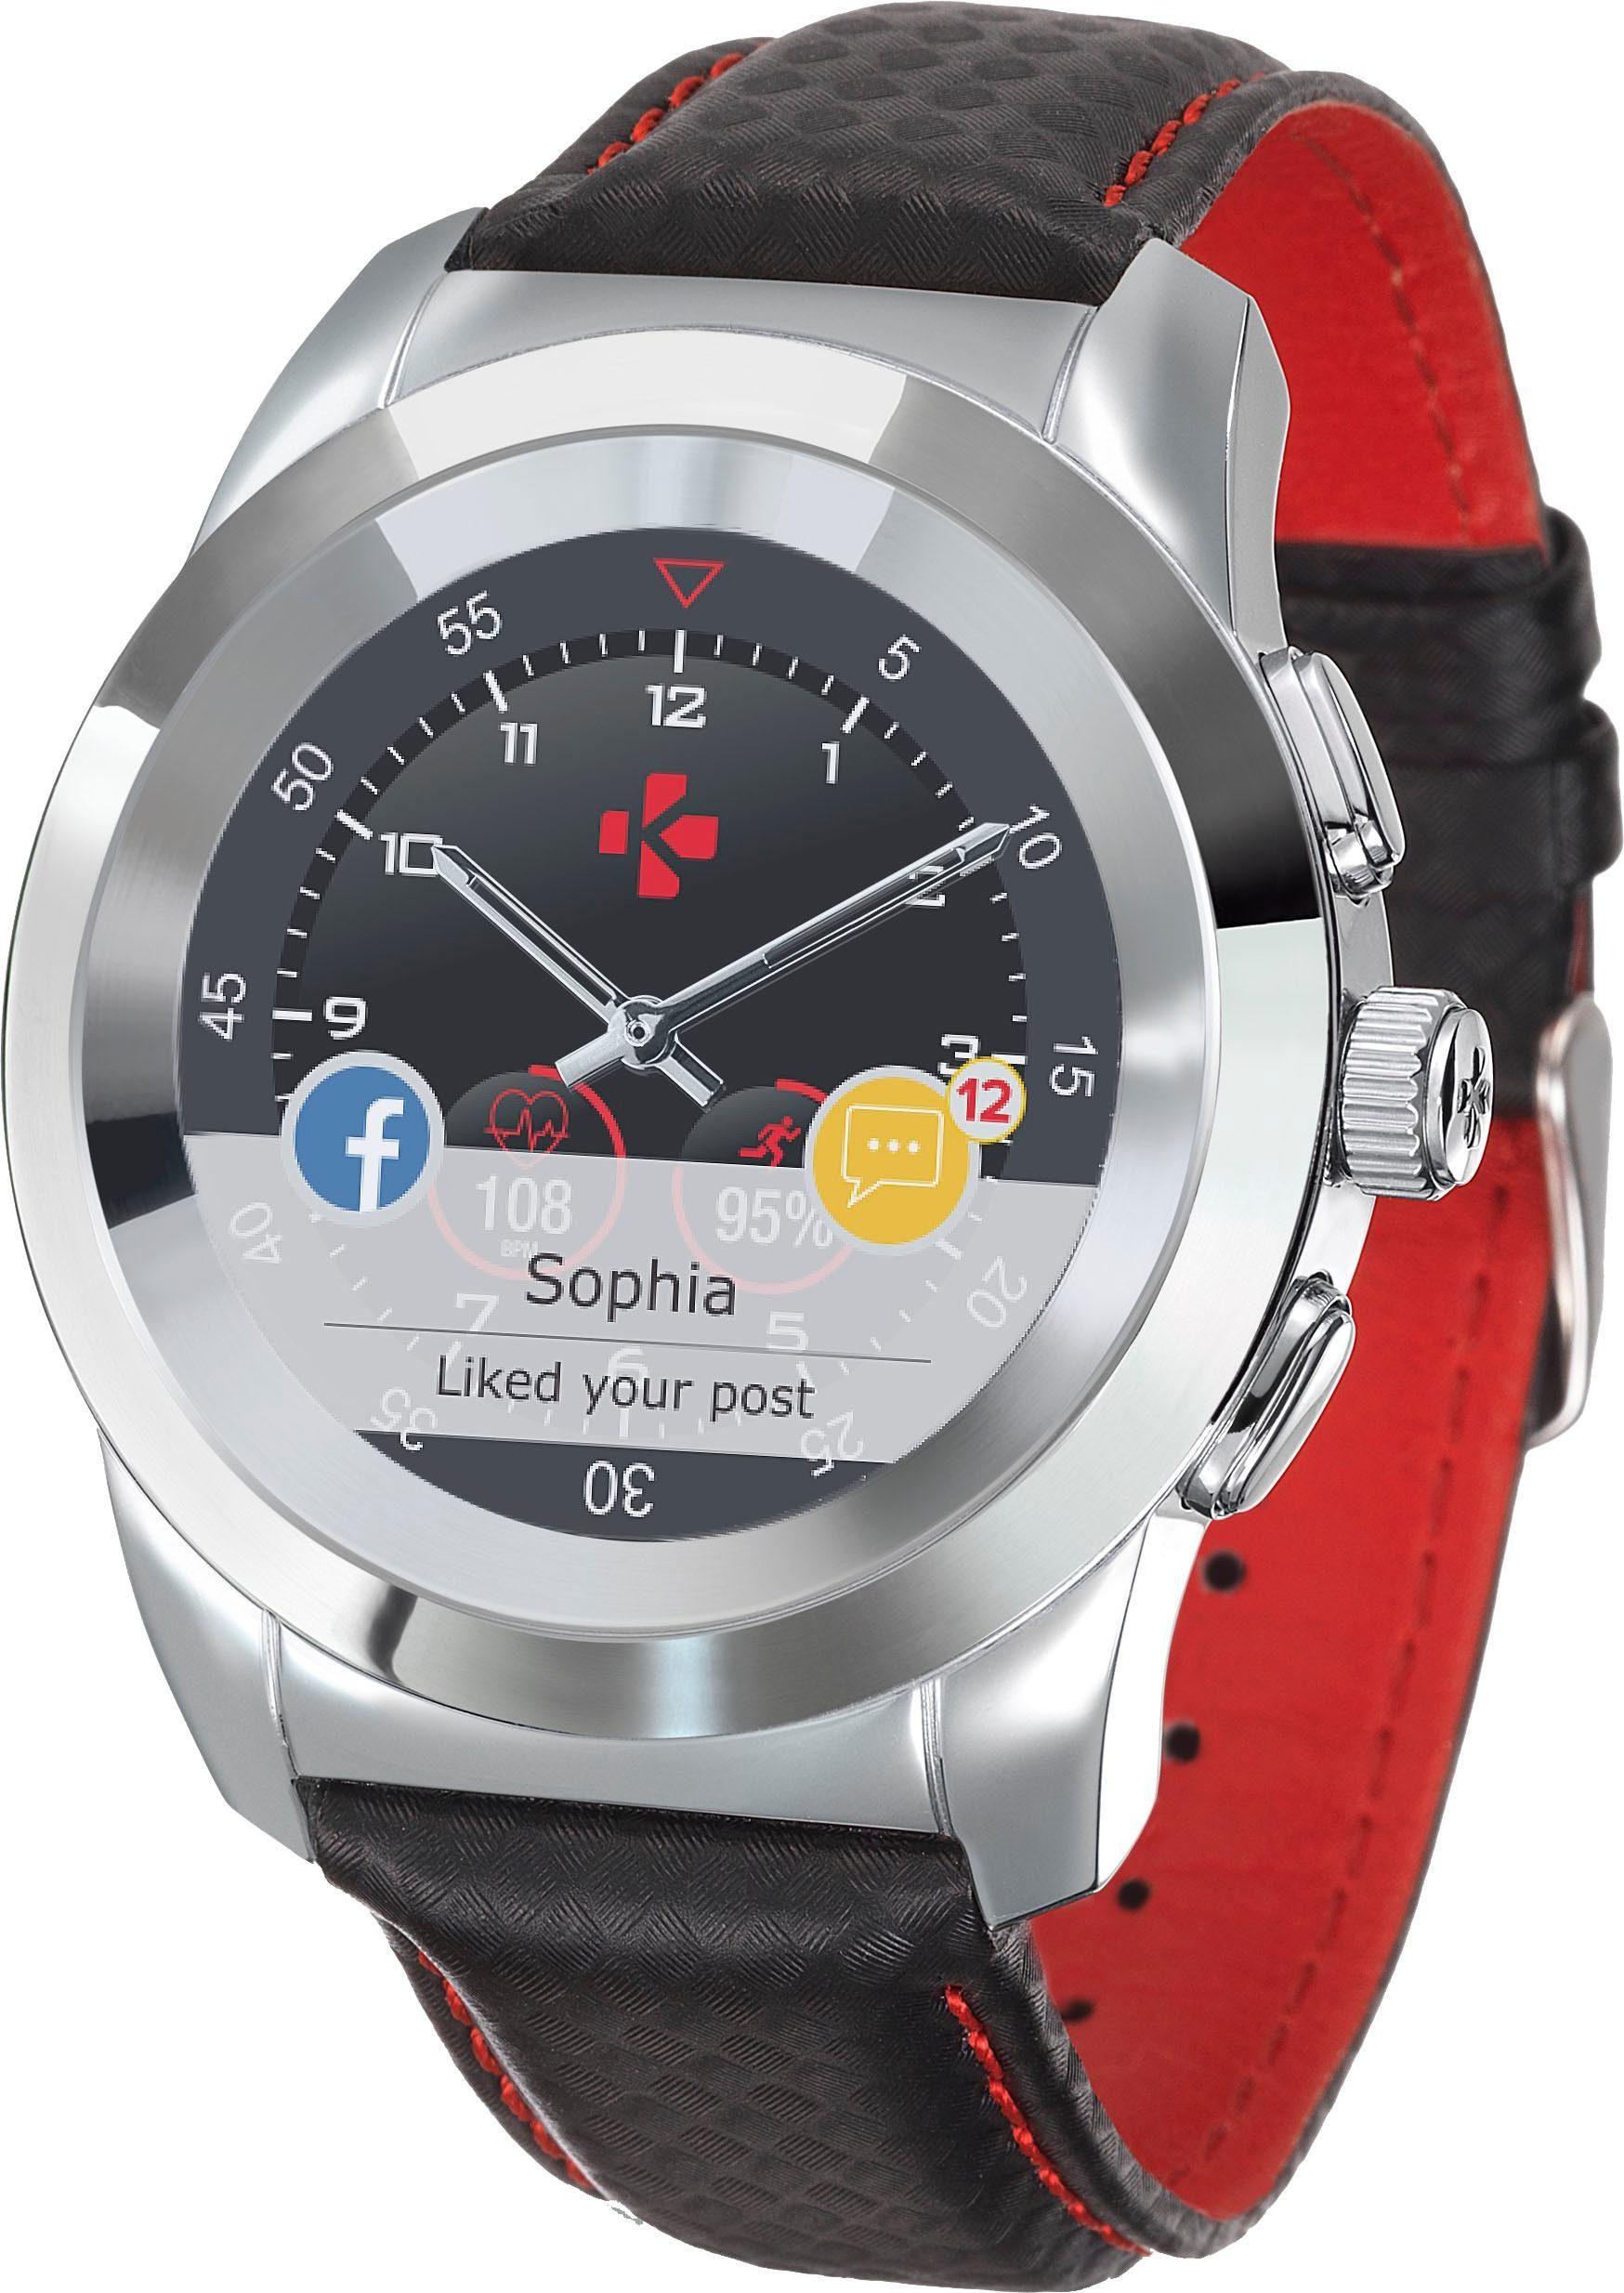 MYKRONOZ ZeTime Petite Premium Smartwatch (2,67 cm / 1, 05 Zoll) | Uhren > Smartwatches | MYKRONOZ